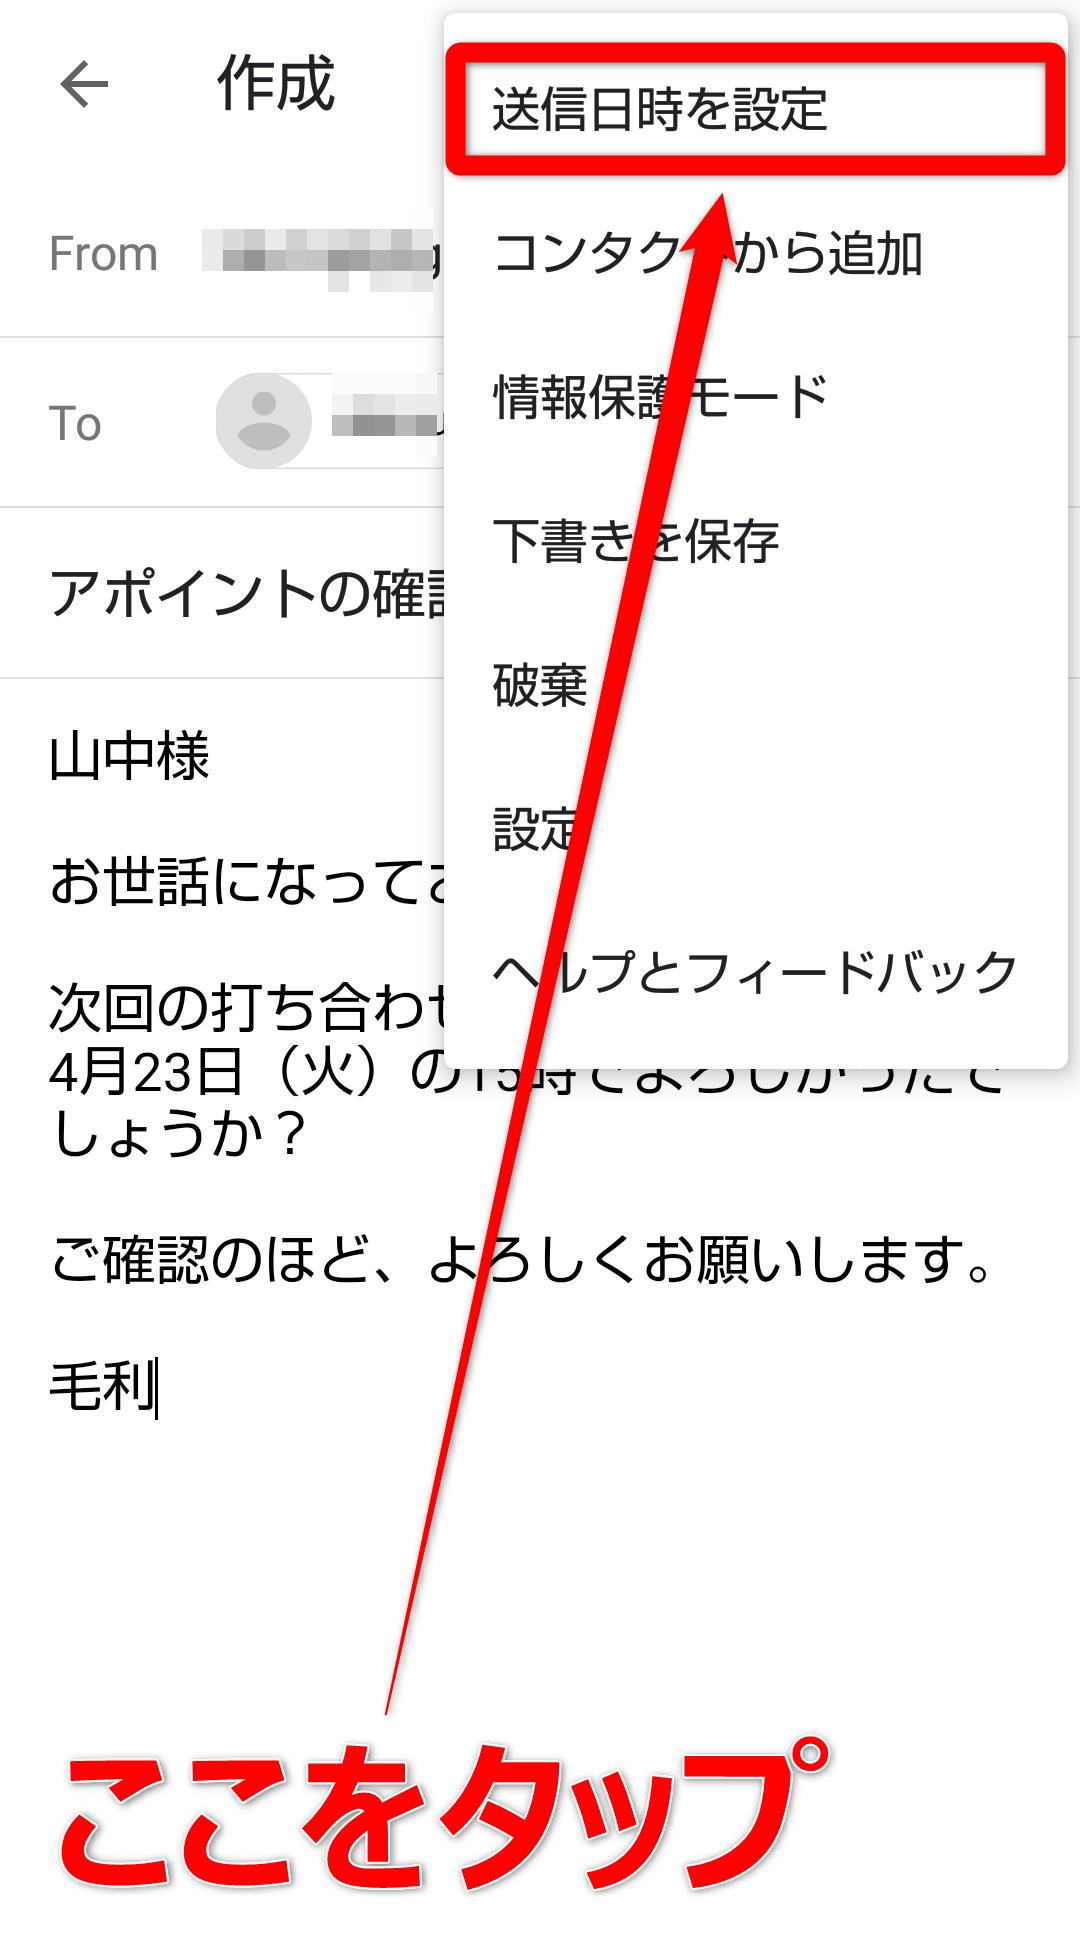 Android(アンドロイド)スマートフォン版Gmail(ジーメール)アプリのメール作成画面でオプションアイコンをタックして[送信日時を指定]をタップする画面